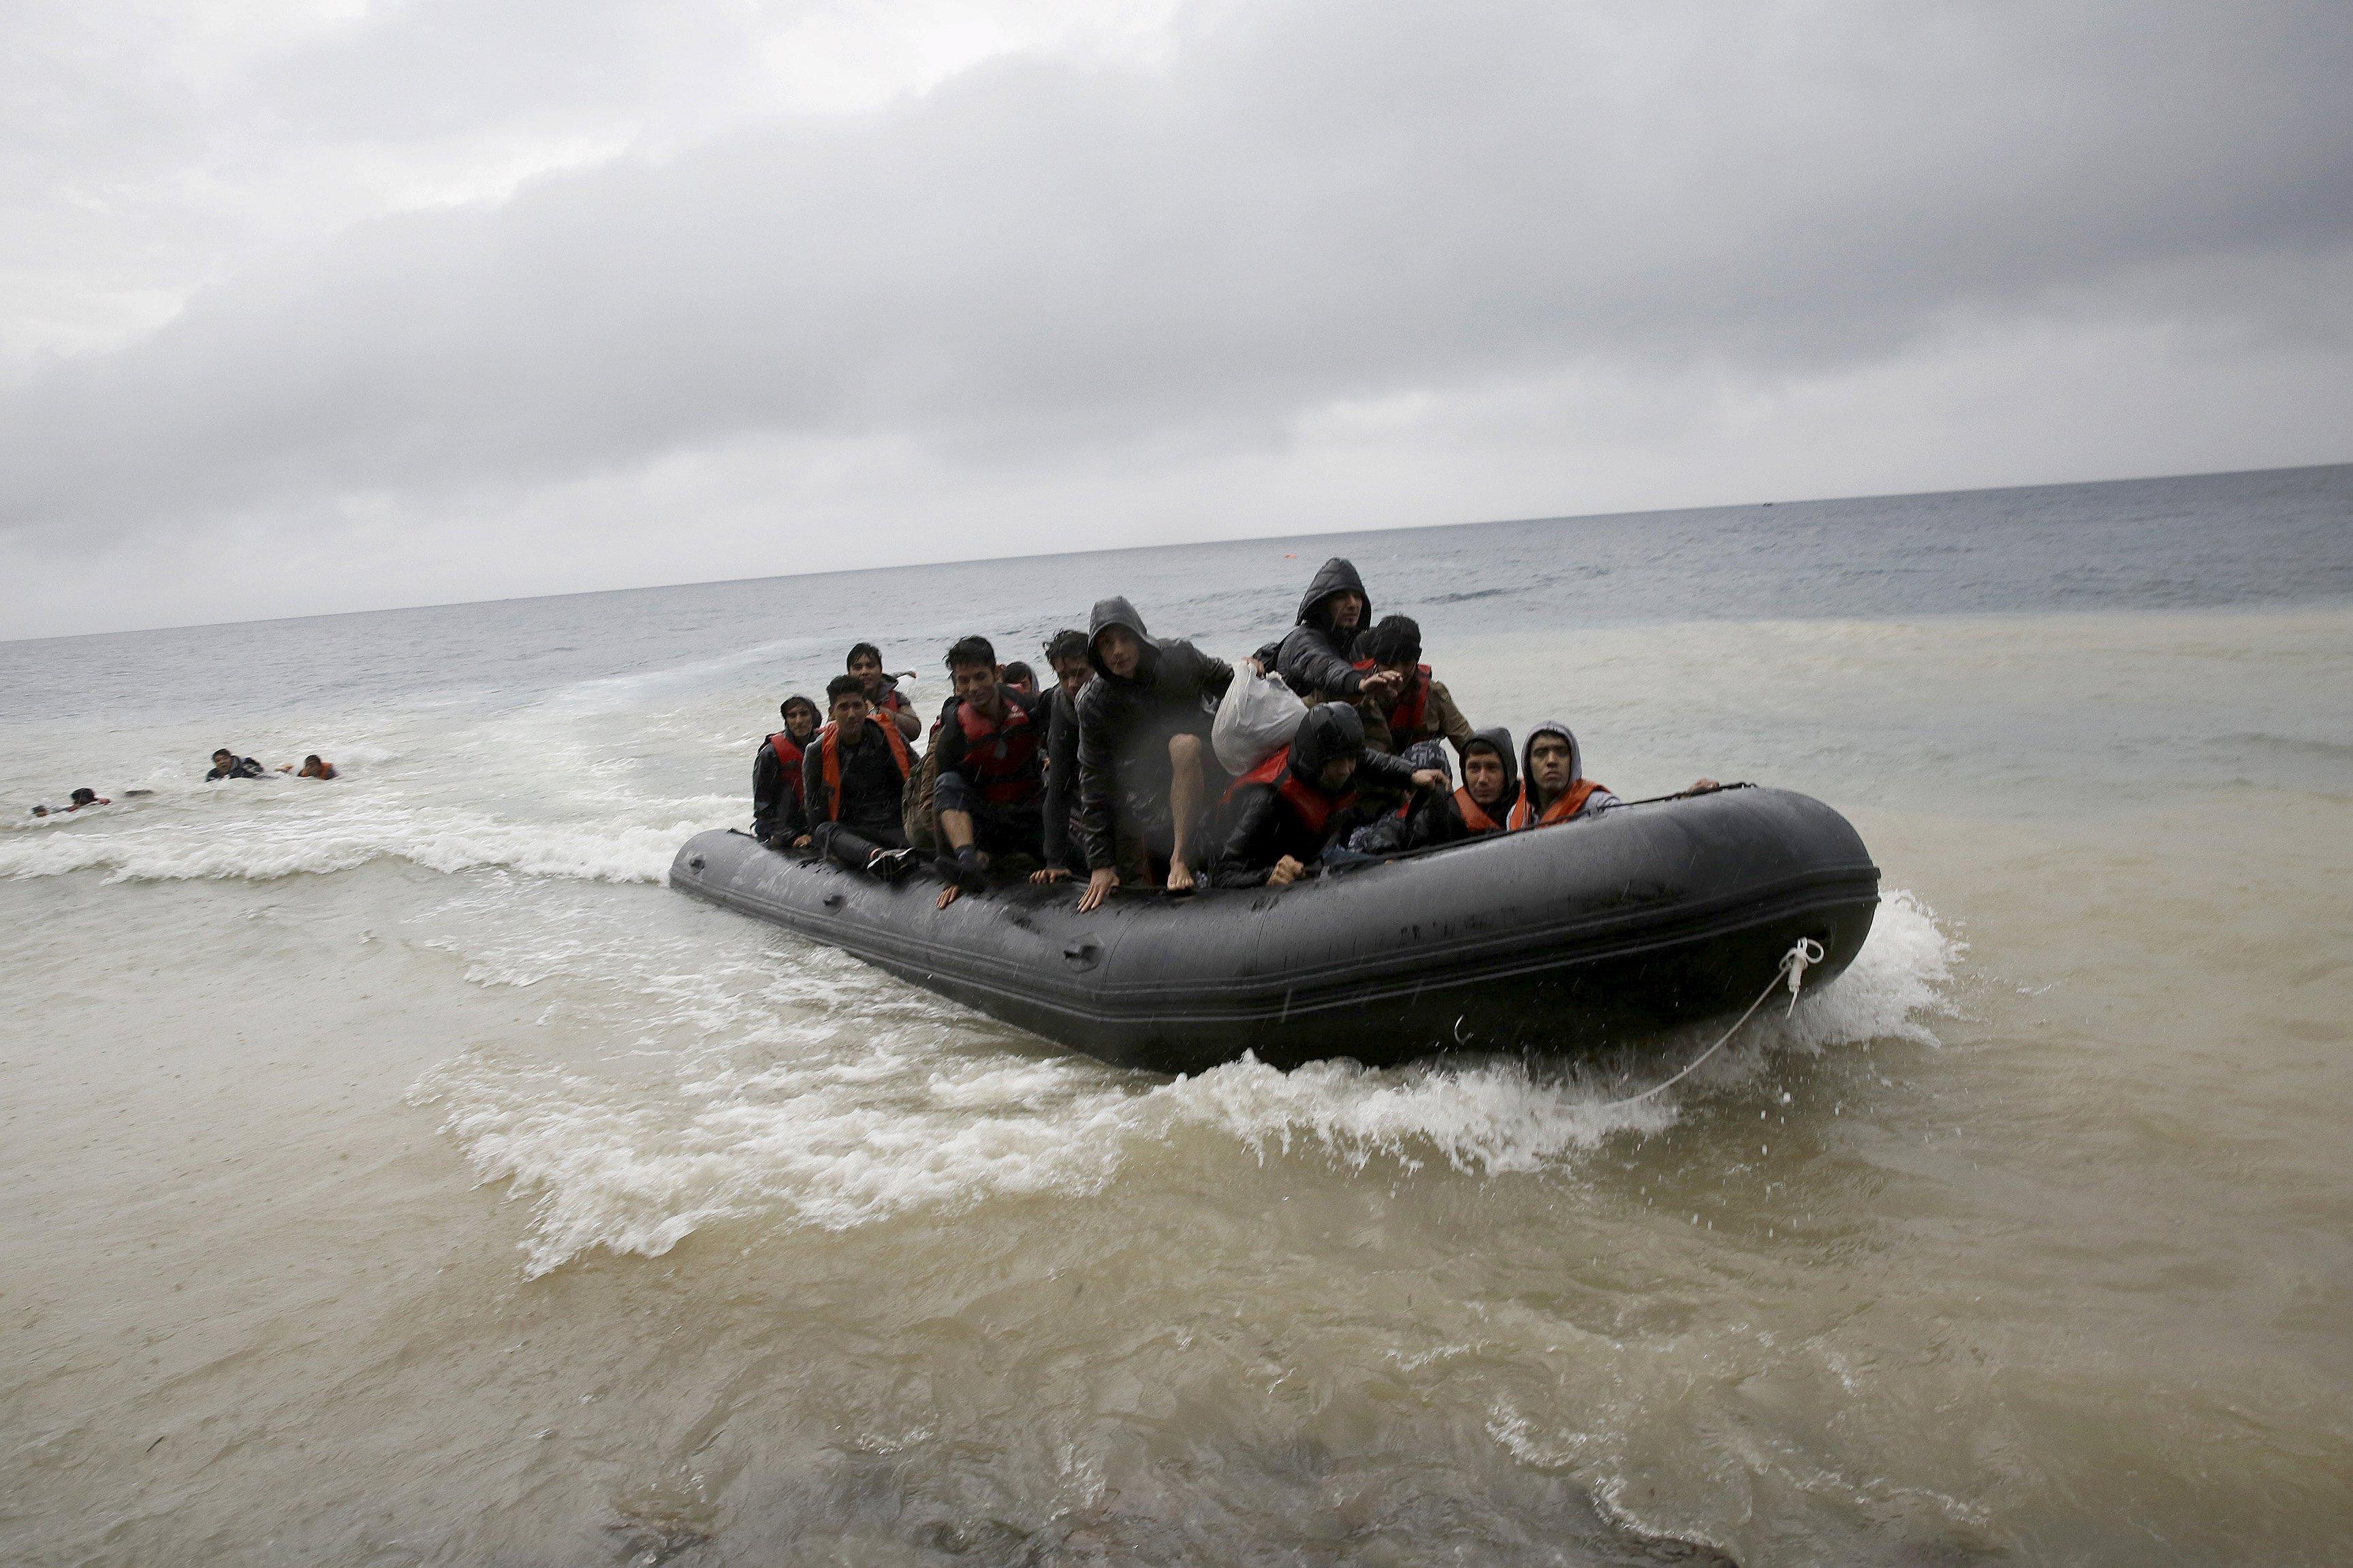 «Врачи без границ» решили остановить операцию поспасению мигрантов вСредиземном море